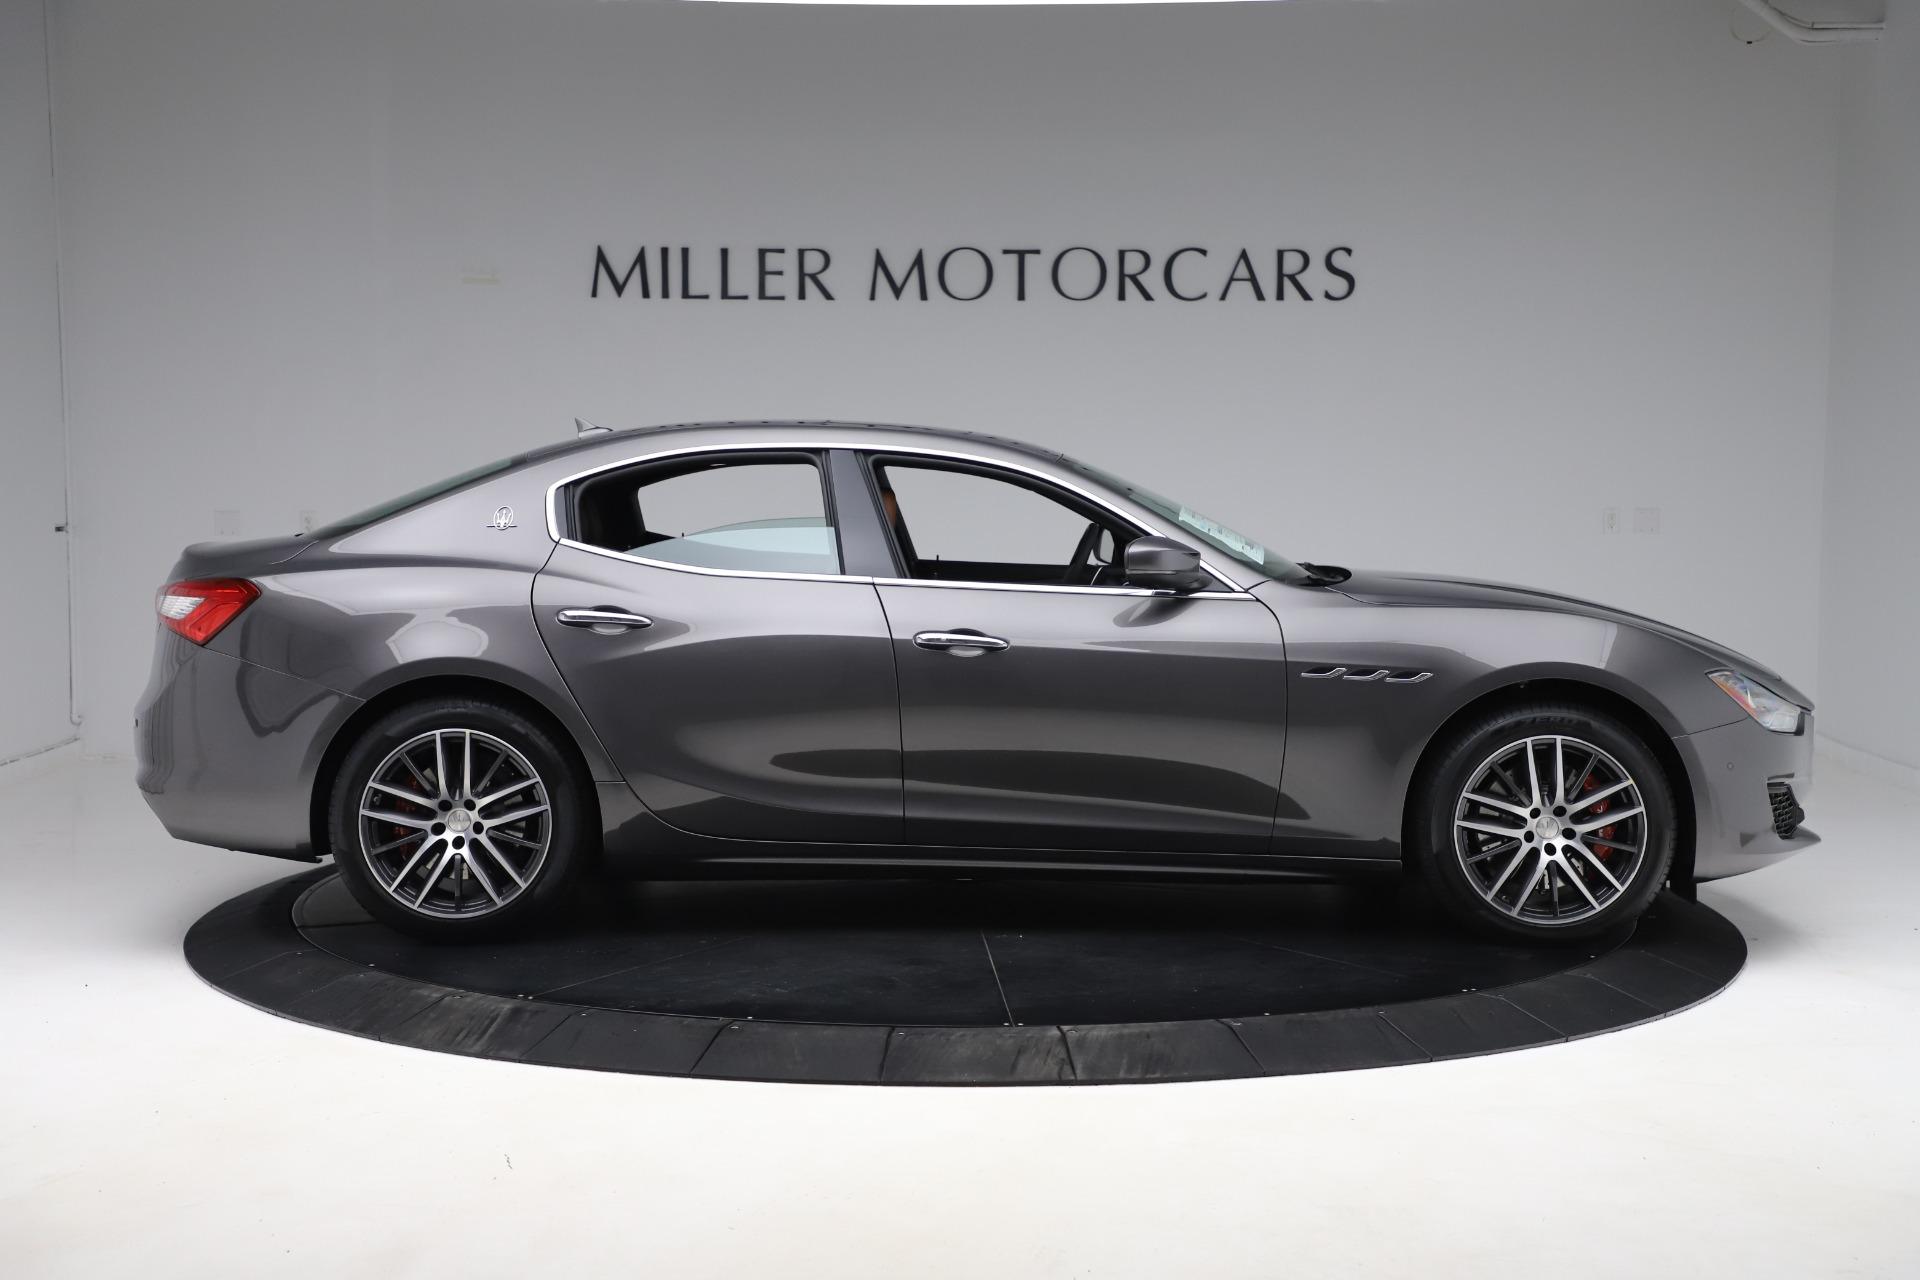 New 2019 Maserati Ghibli S Q4 For Sale In Greenwich, CT 3017_p9